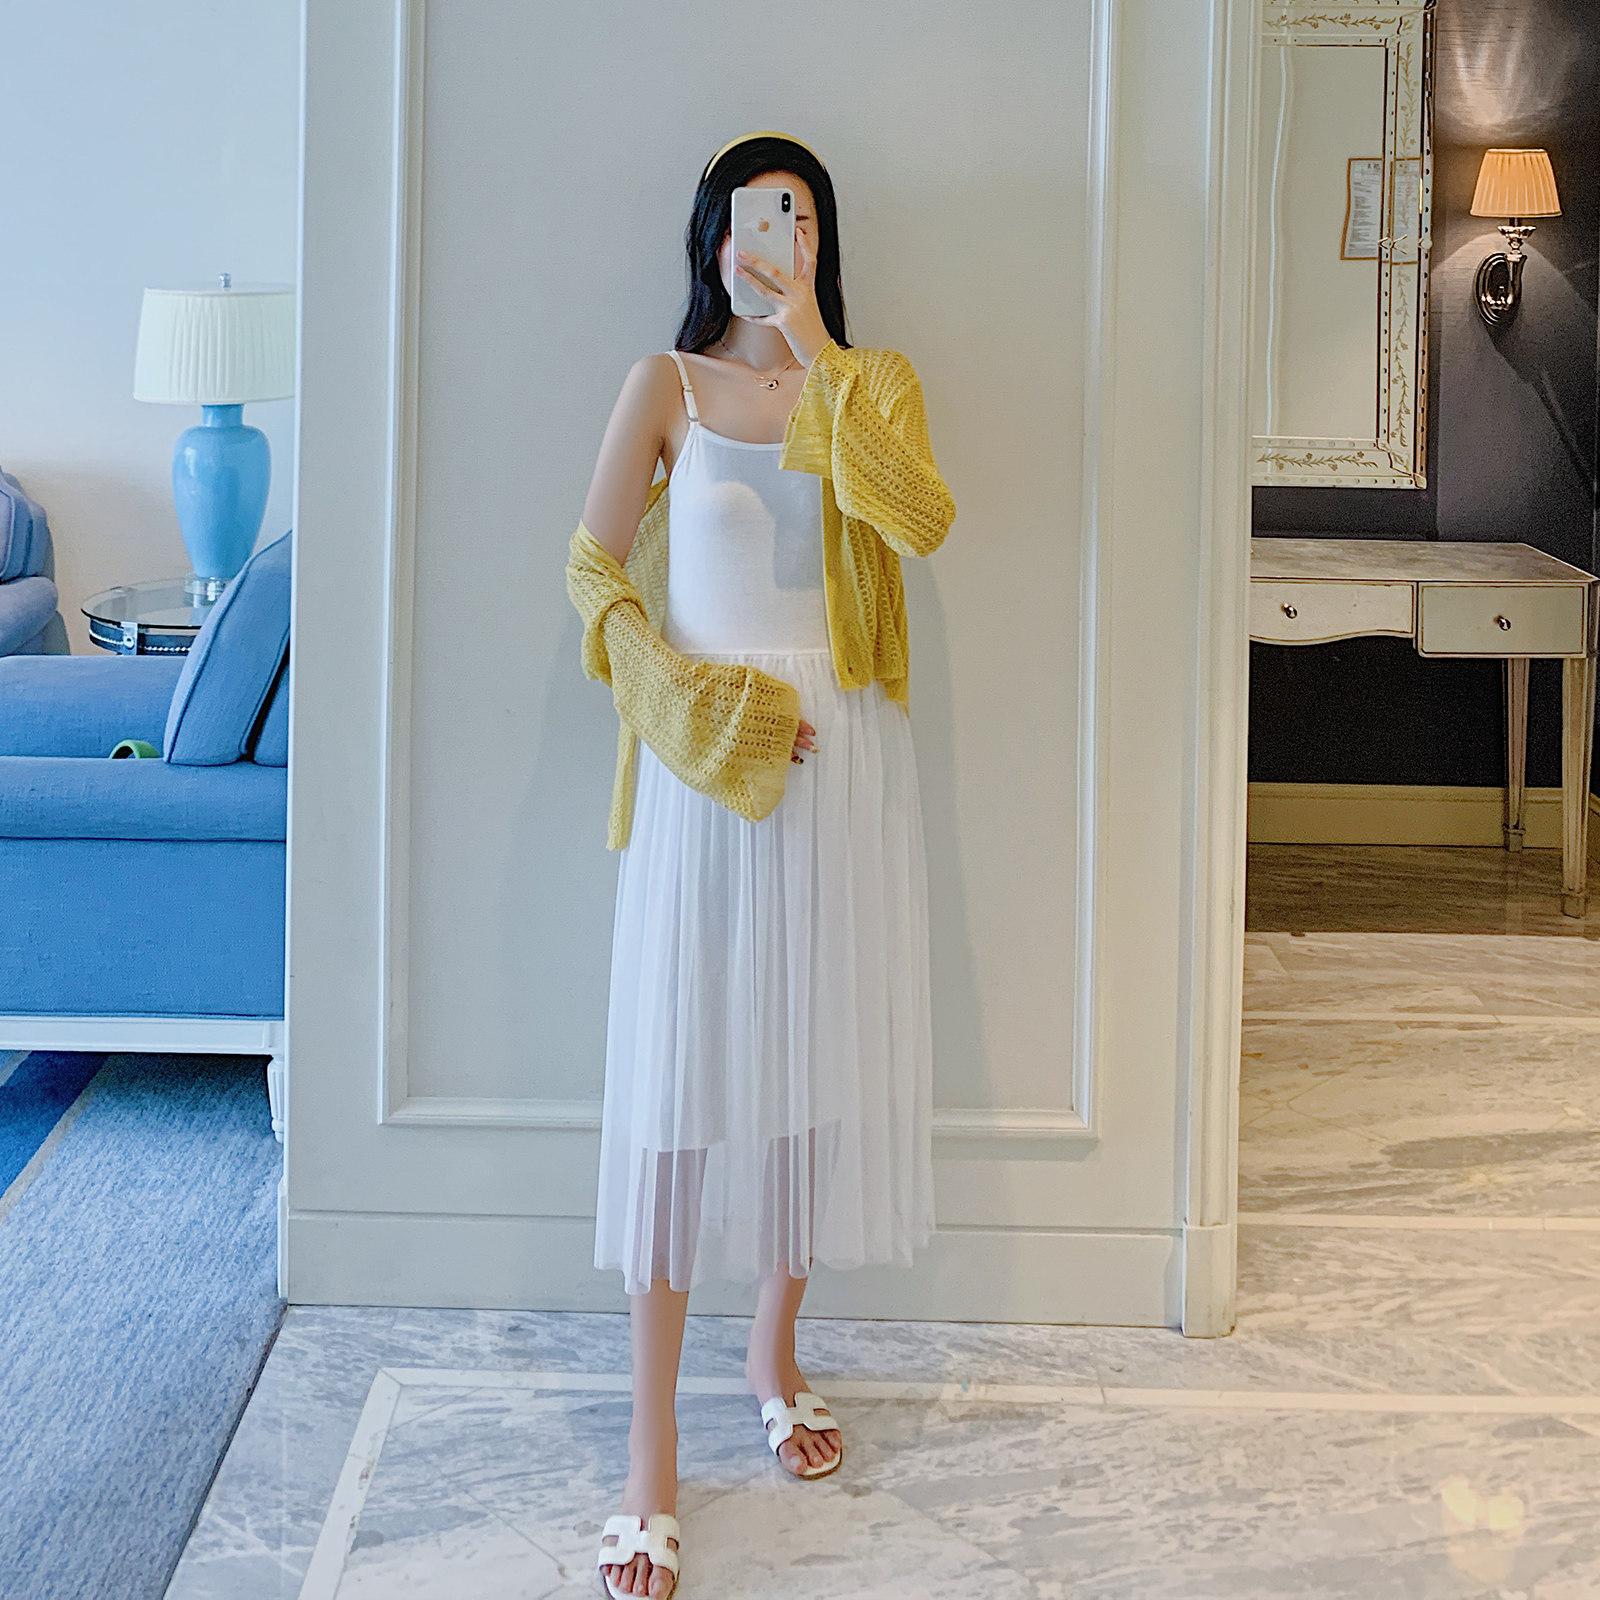 孕妇外套夏季薄款外穿开衫慵懒气质镂空外搭宽松孕妇装夏装上衣图片